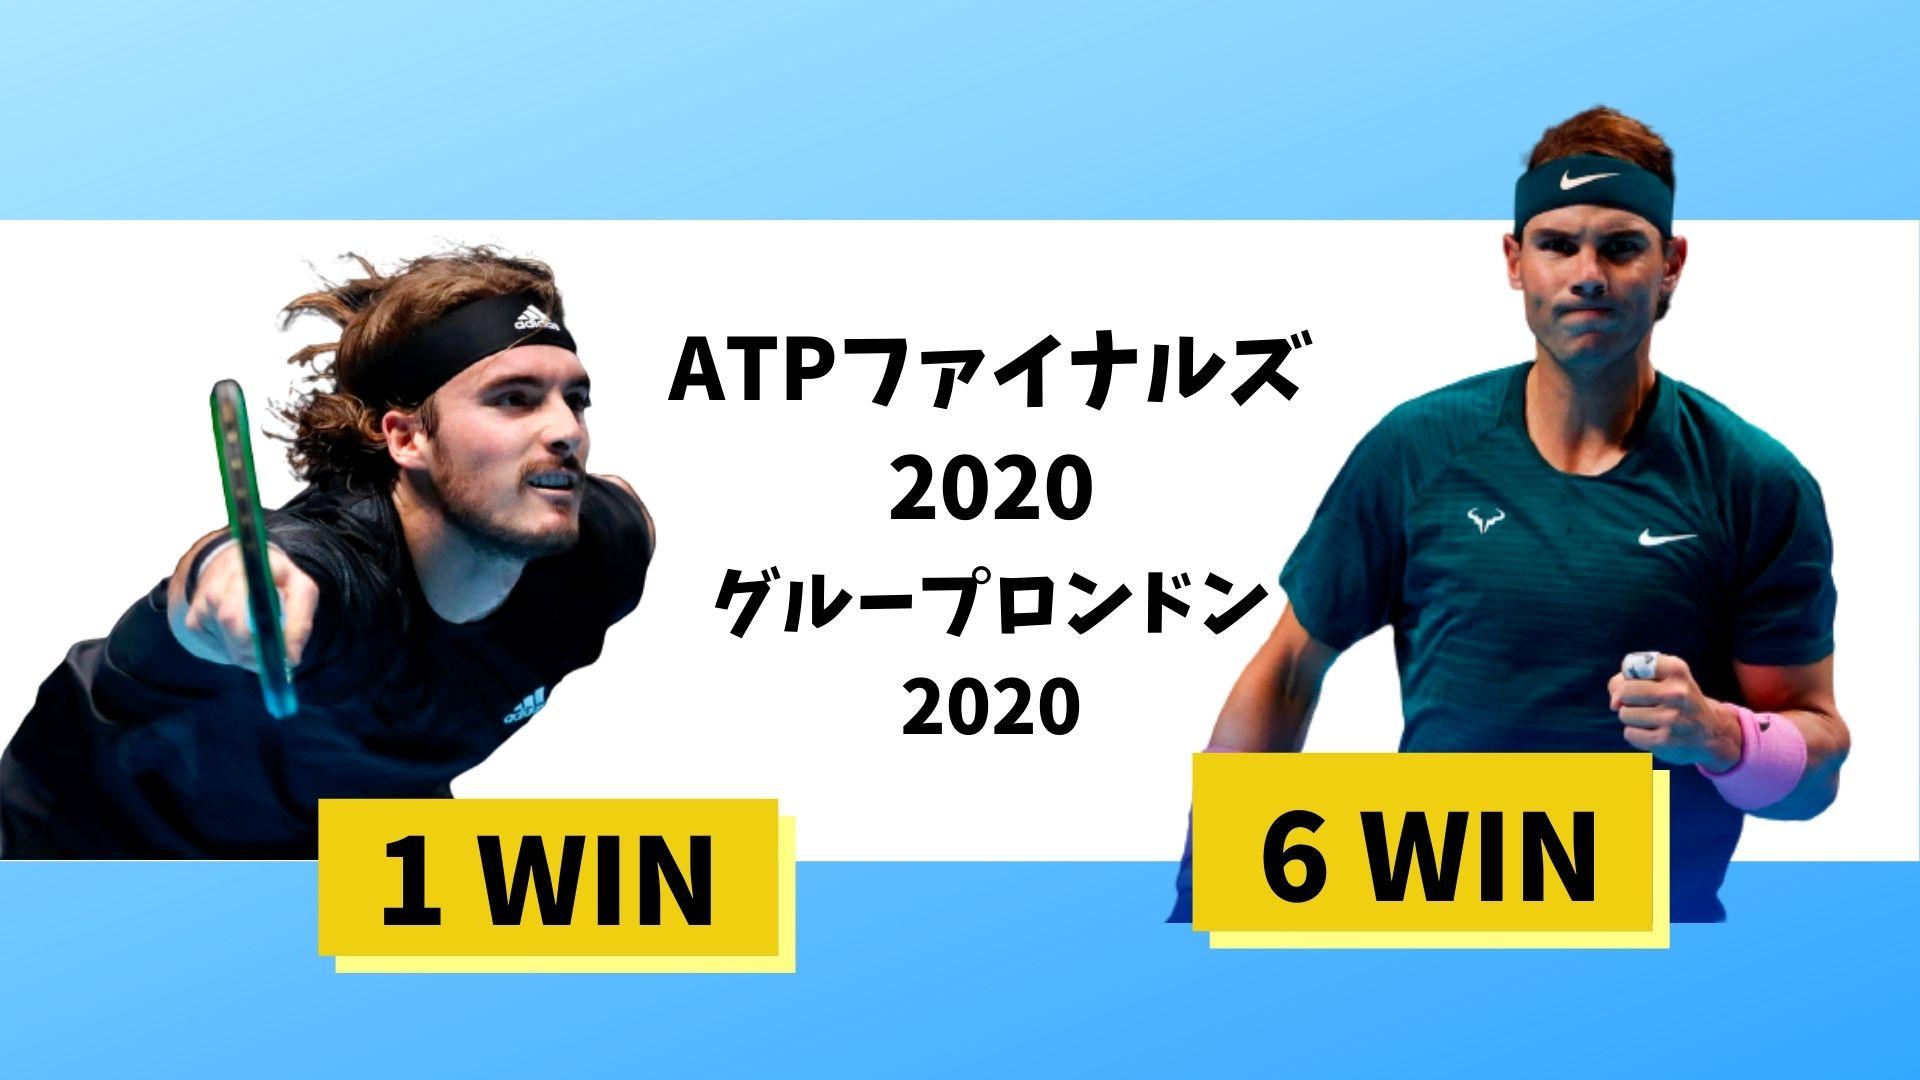 ATPファイナルズ2020